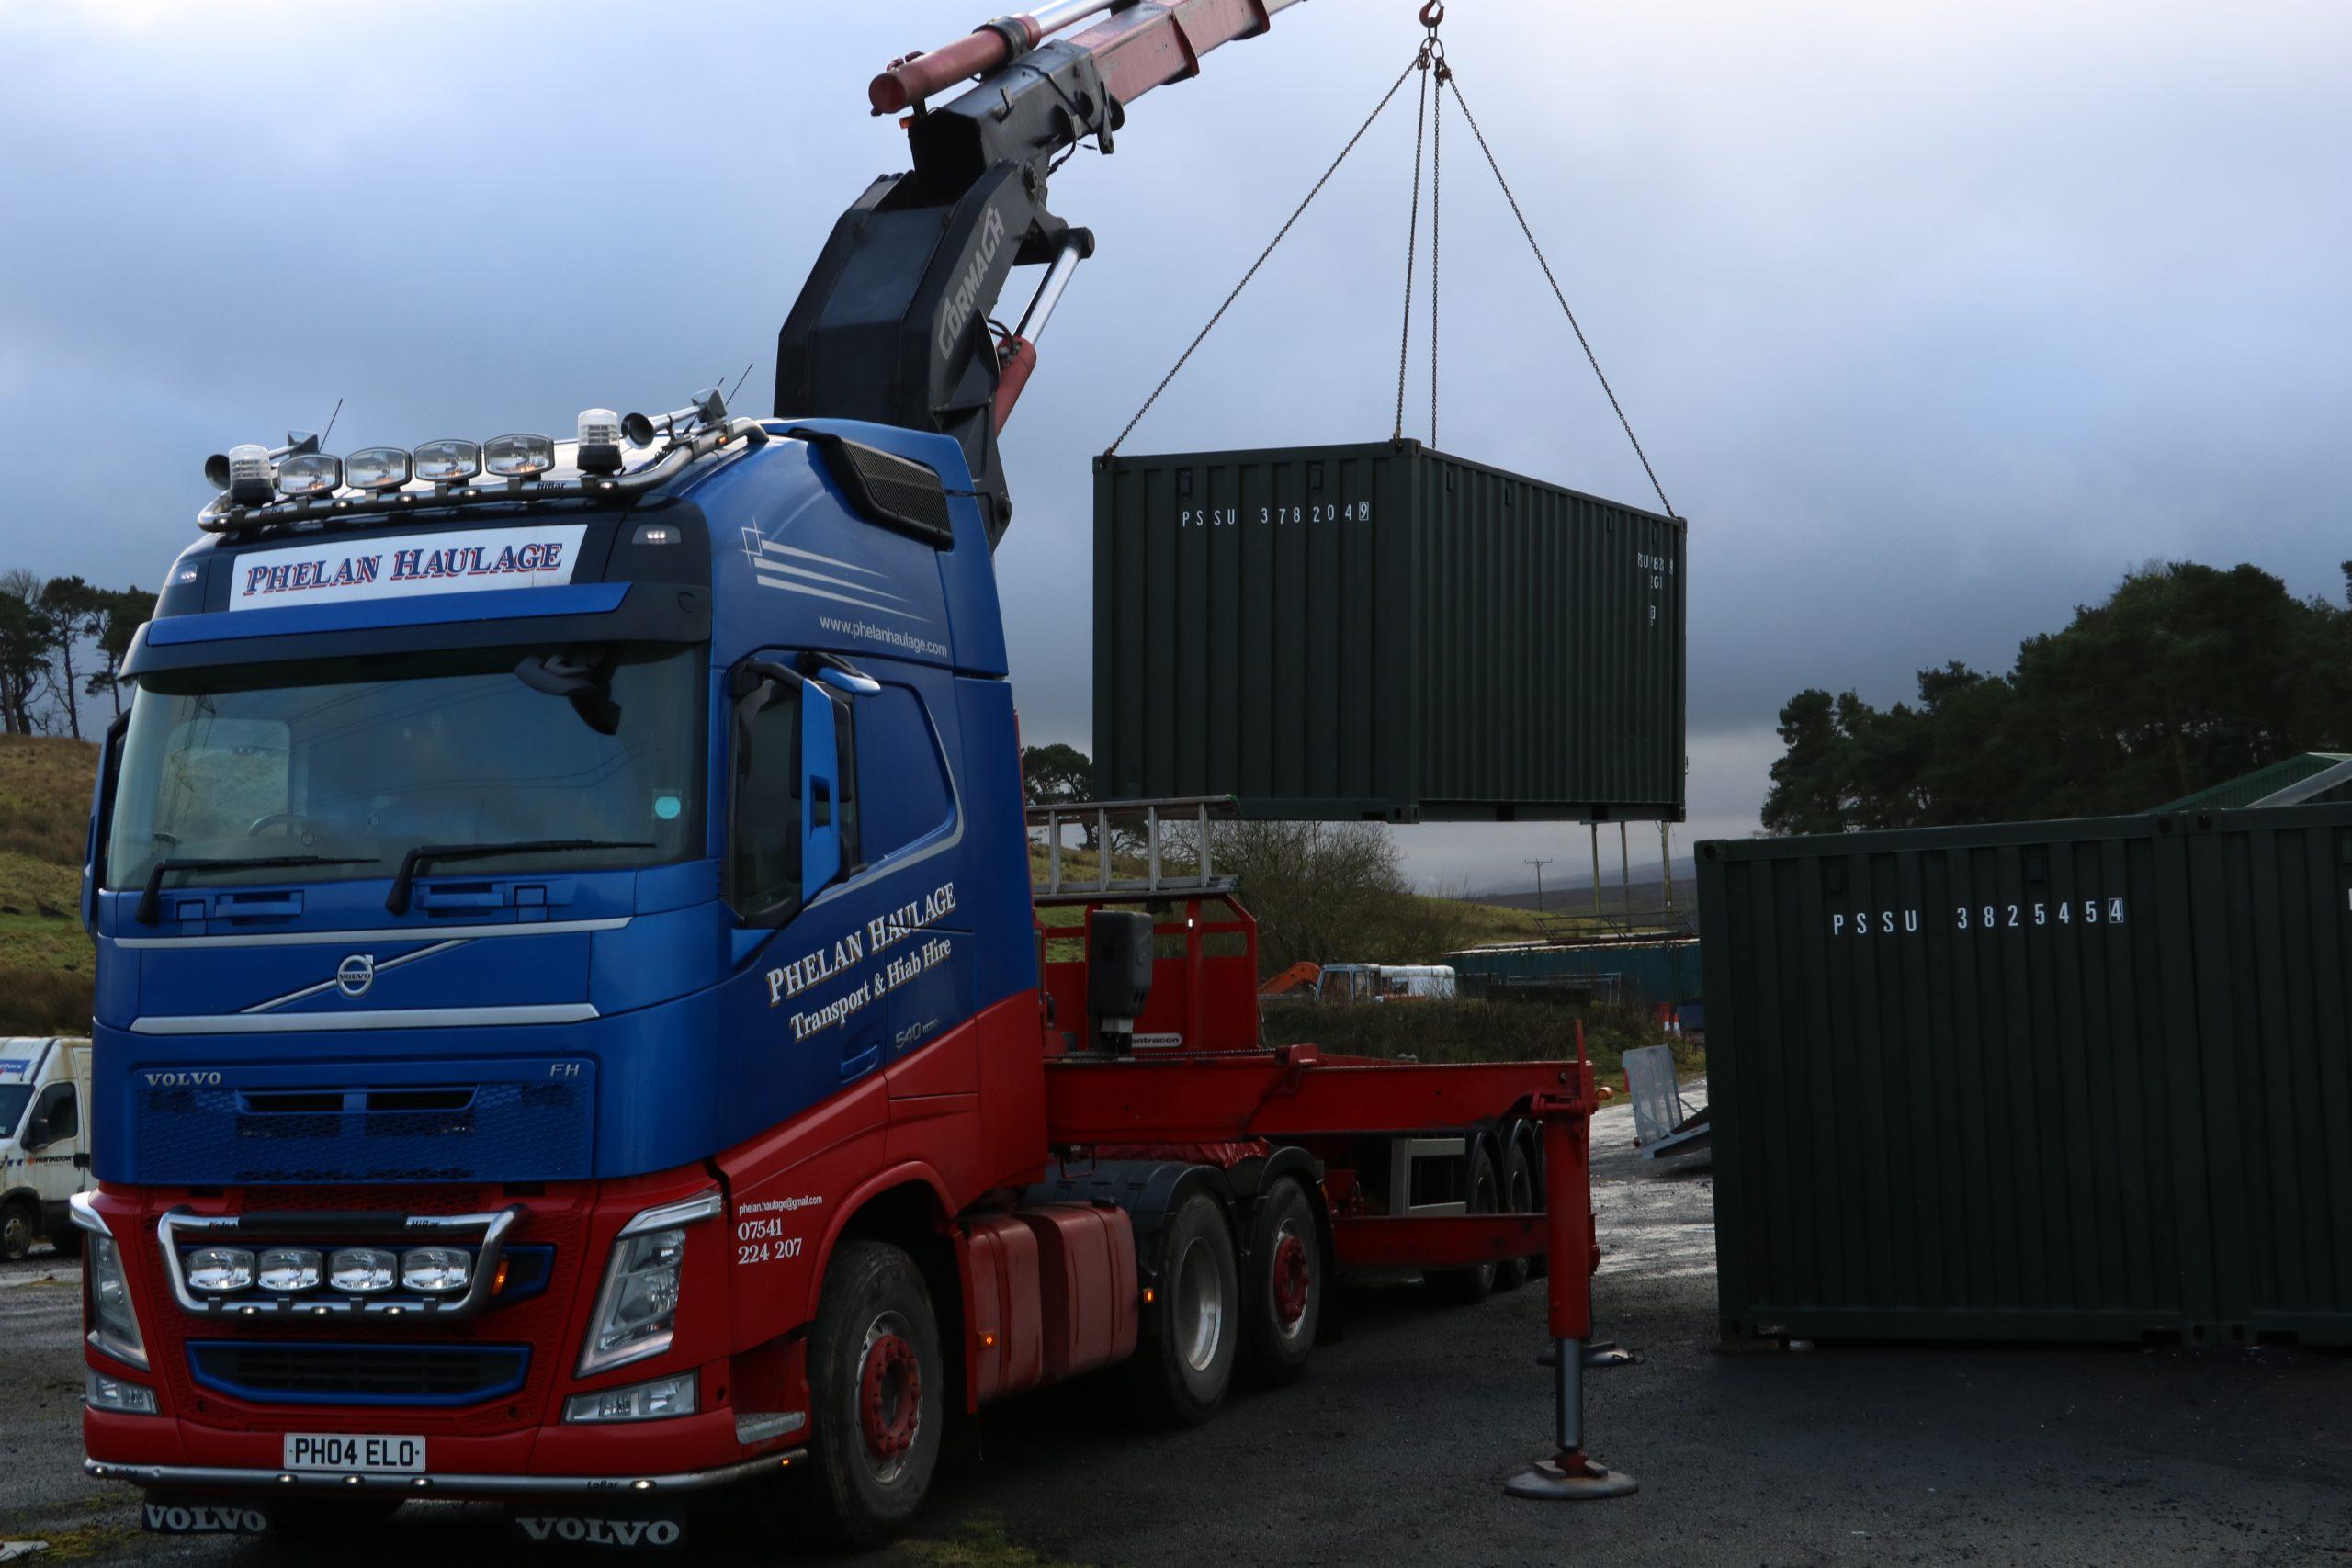 phelan_haulage_hiab_truck52